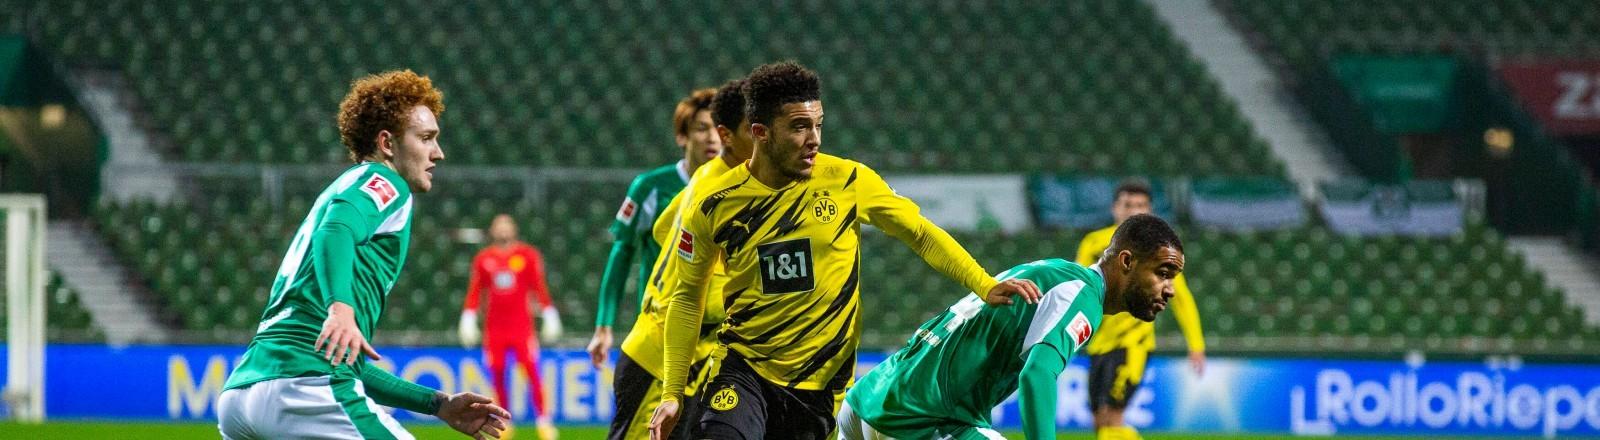 Ein Bundesligaspiel zwischen Werder Bremen und Borussia Dortmund